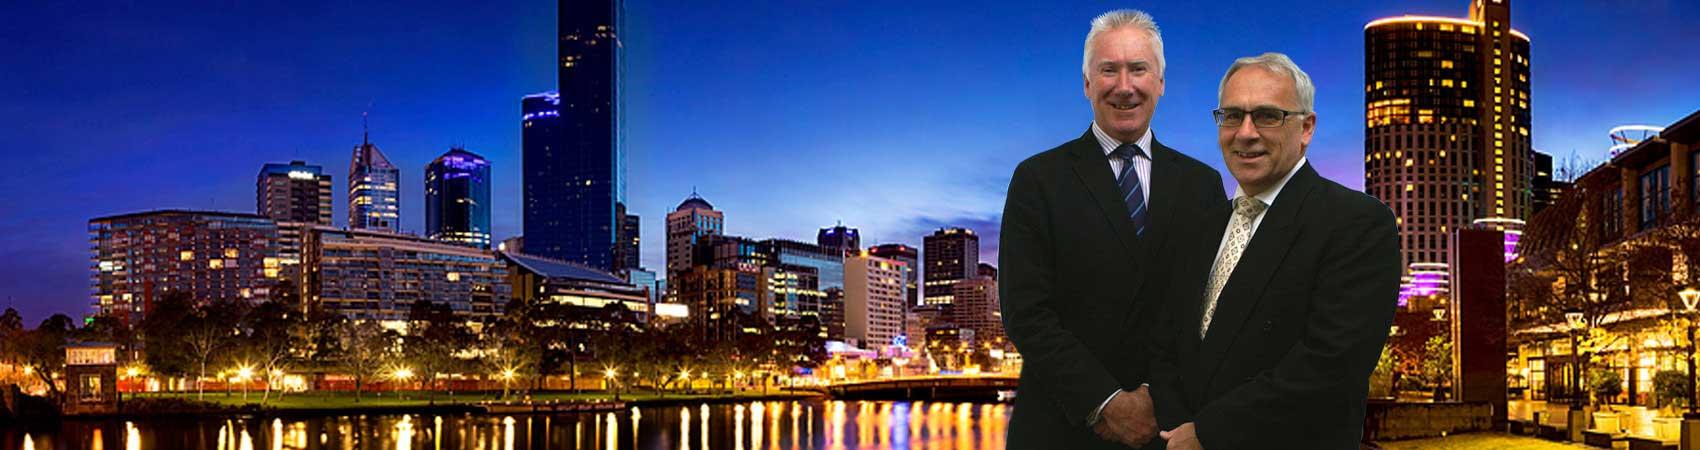 Plan 4 Profit Business Management Consultants Melbourne